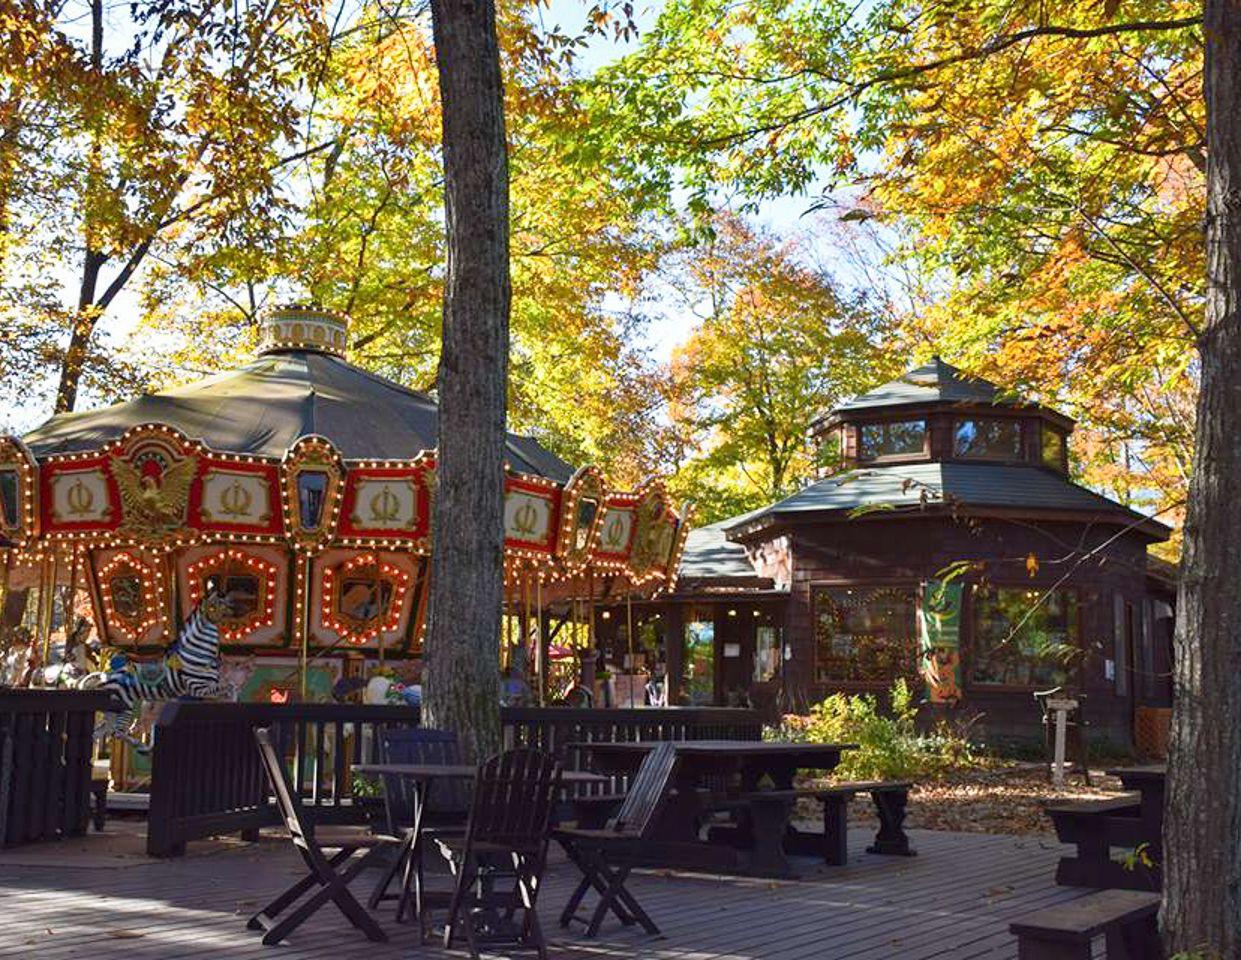 清里の森に溶け込む「メリーゴーラウンドカフェ」